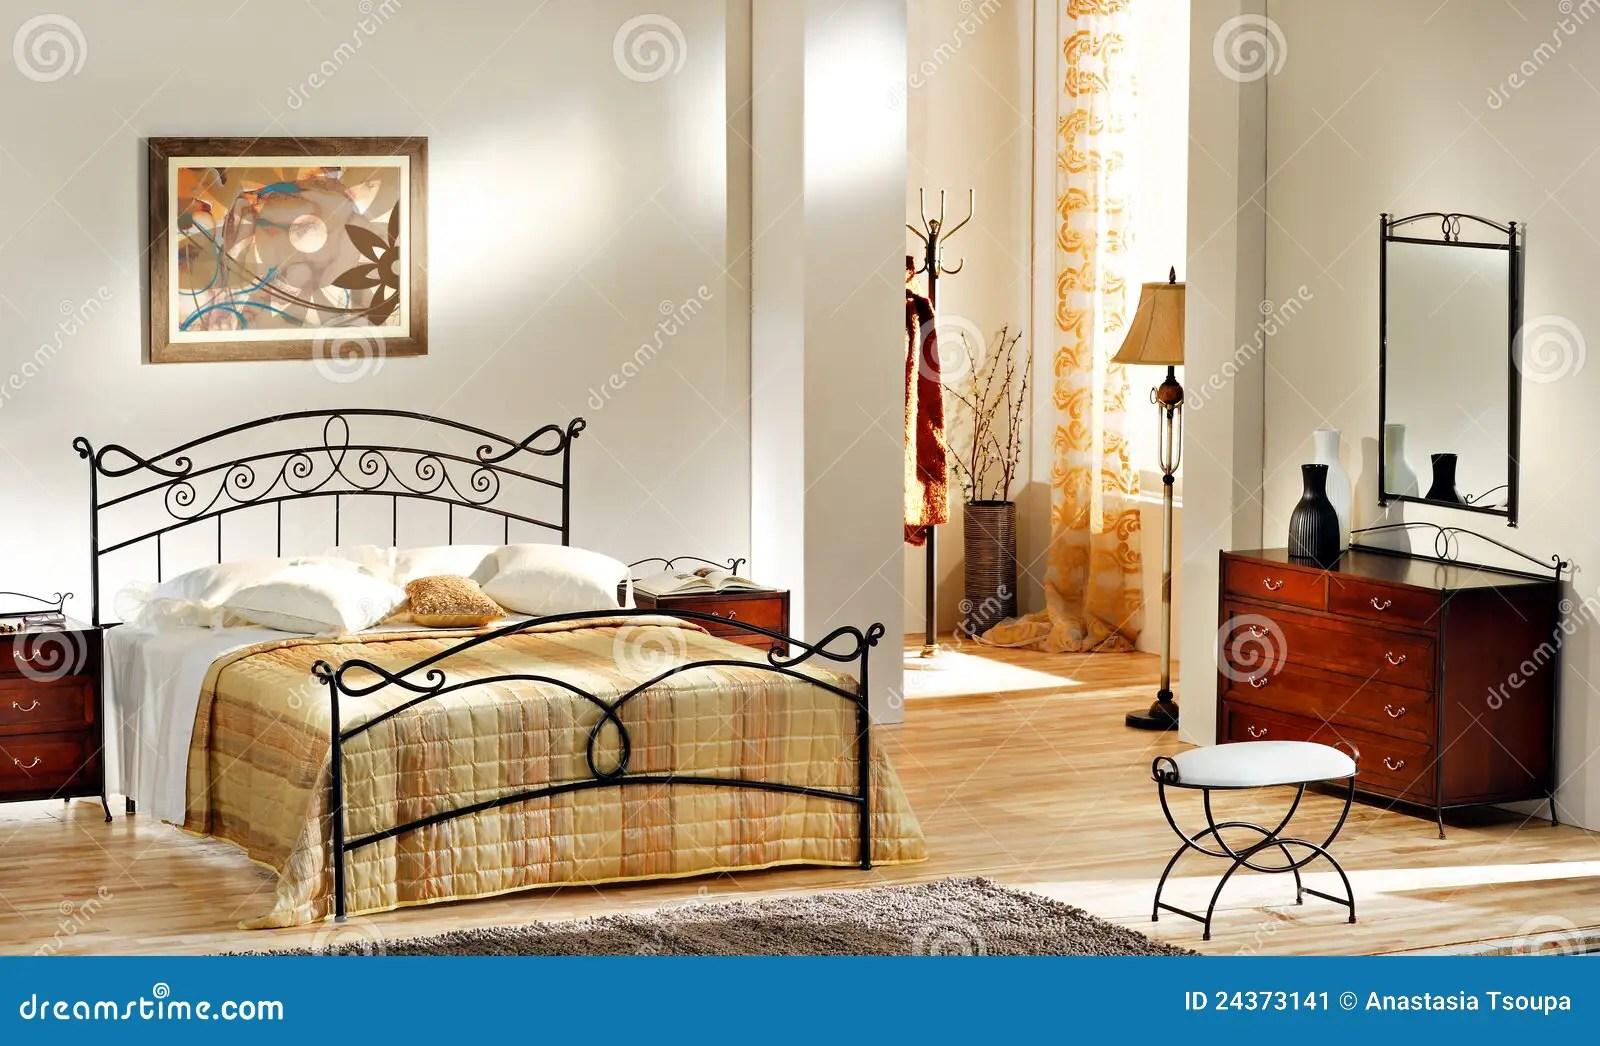 Importante studiare con attenzione la configurazione della stanza dedicata al risposo. Bedroom Classical Painting Photos Free Royalty Free Stock Photos From Dreamstime